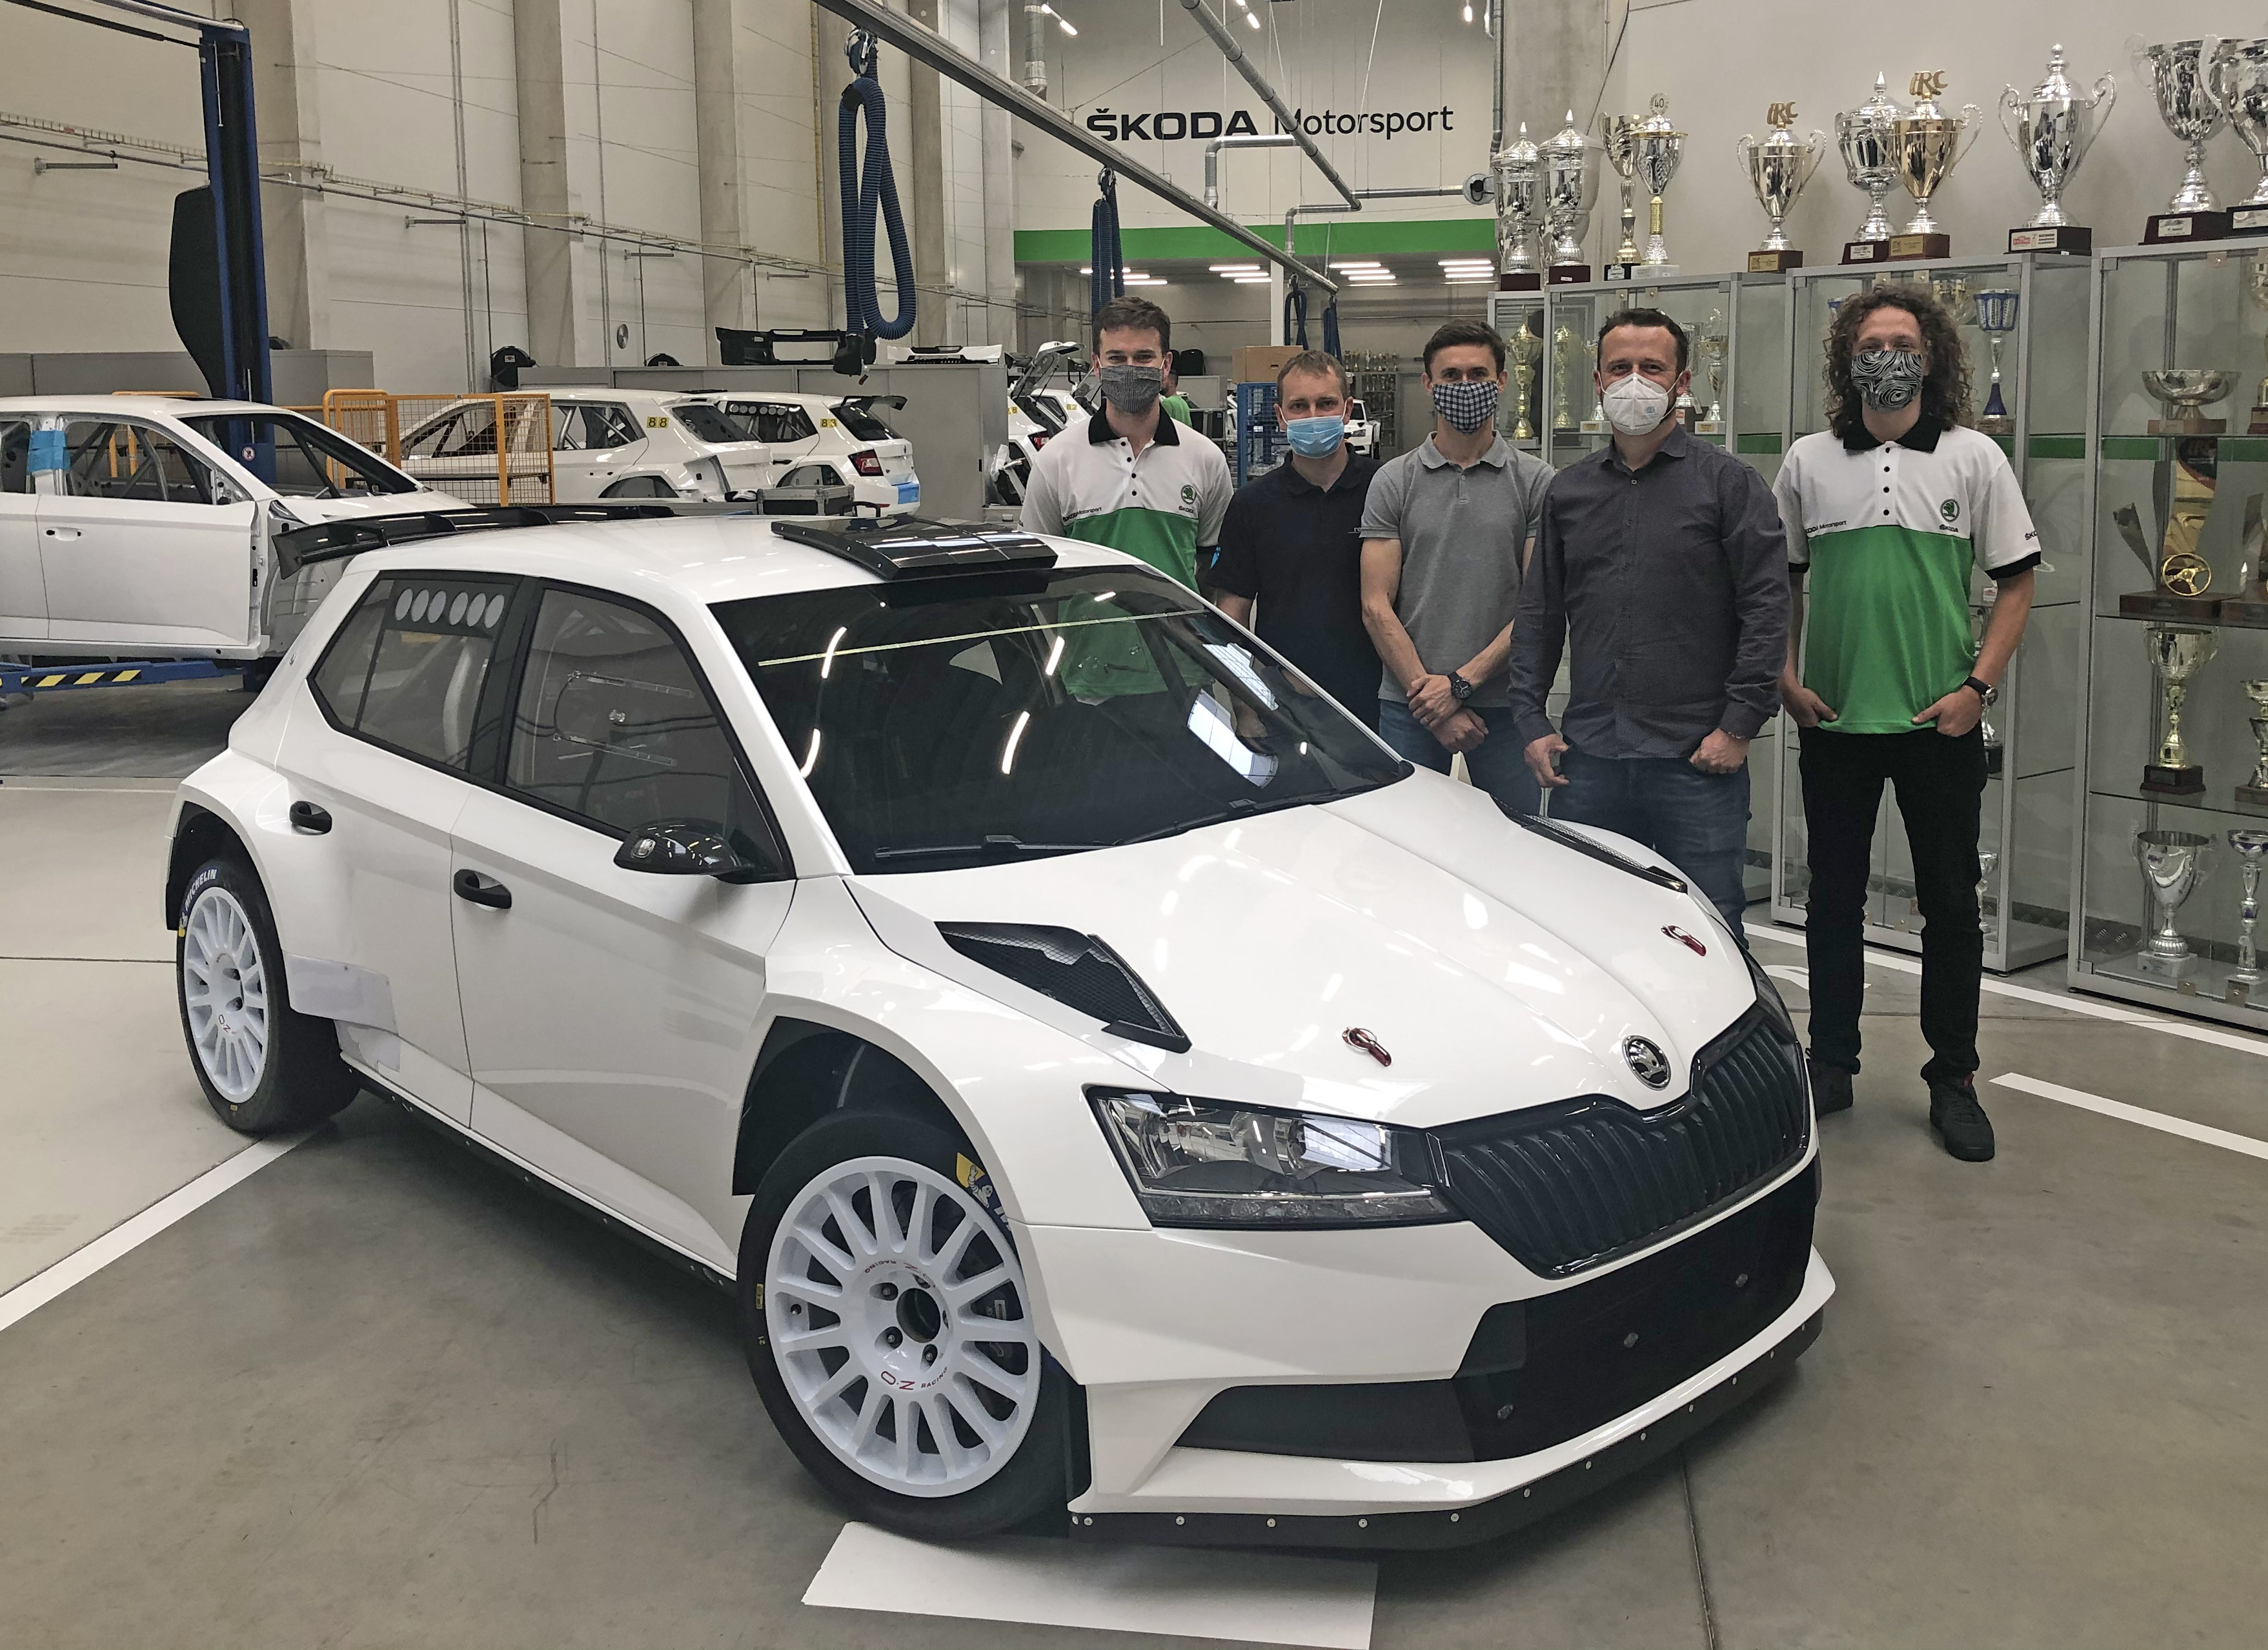 SKODA Motorsport operates again at full swing - Image 1